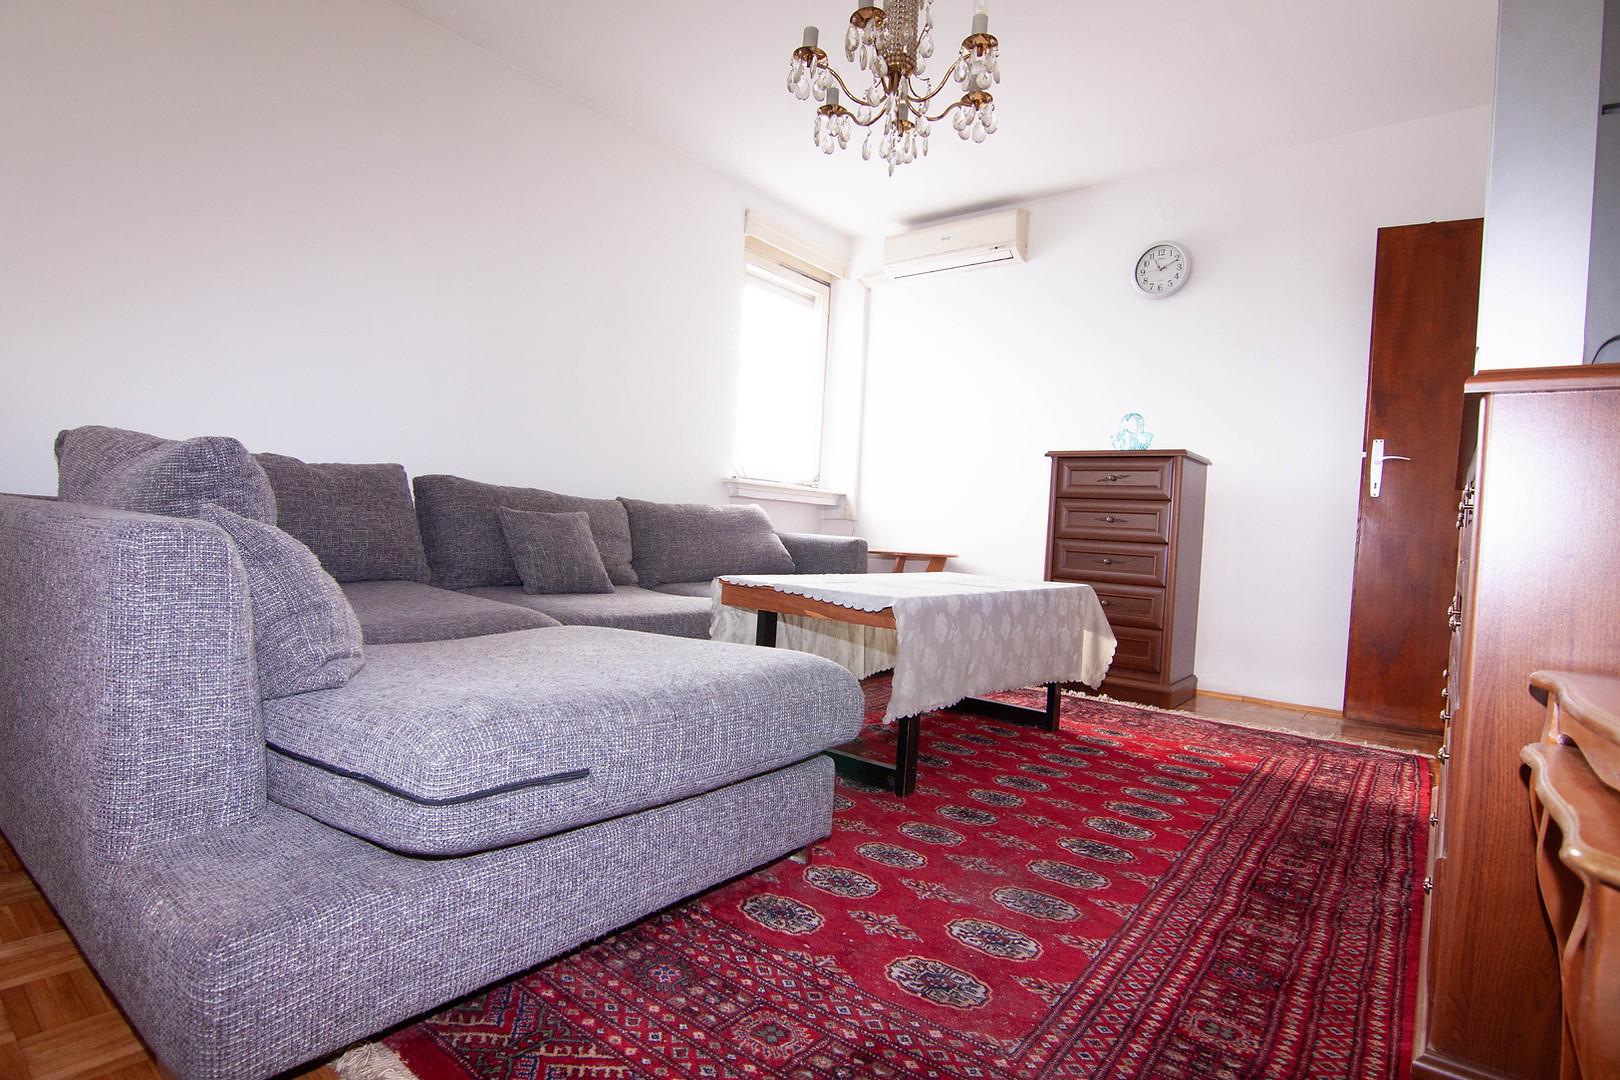 Prodaje se: Dvosoban Stan Dzemala BIjedica, 56 m2